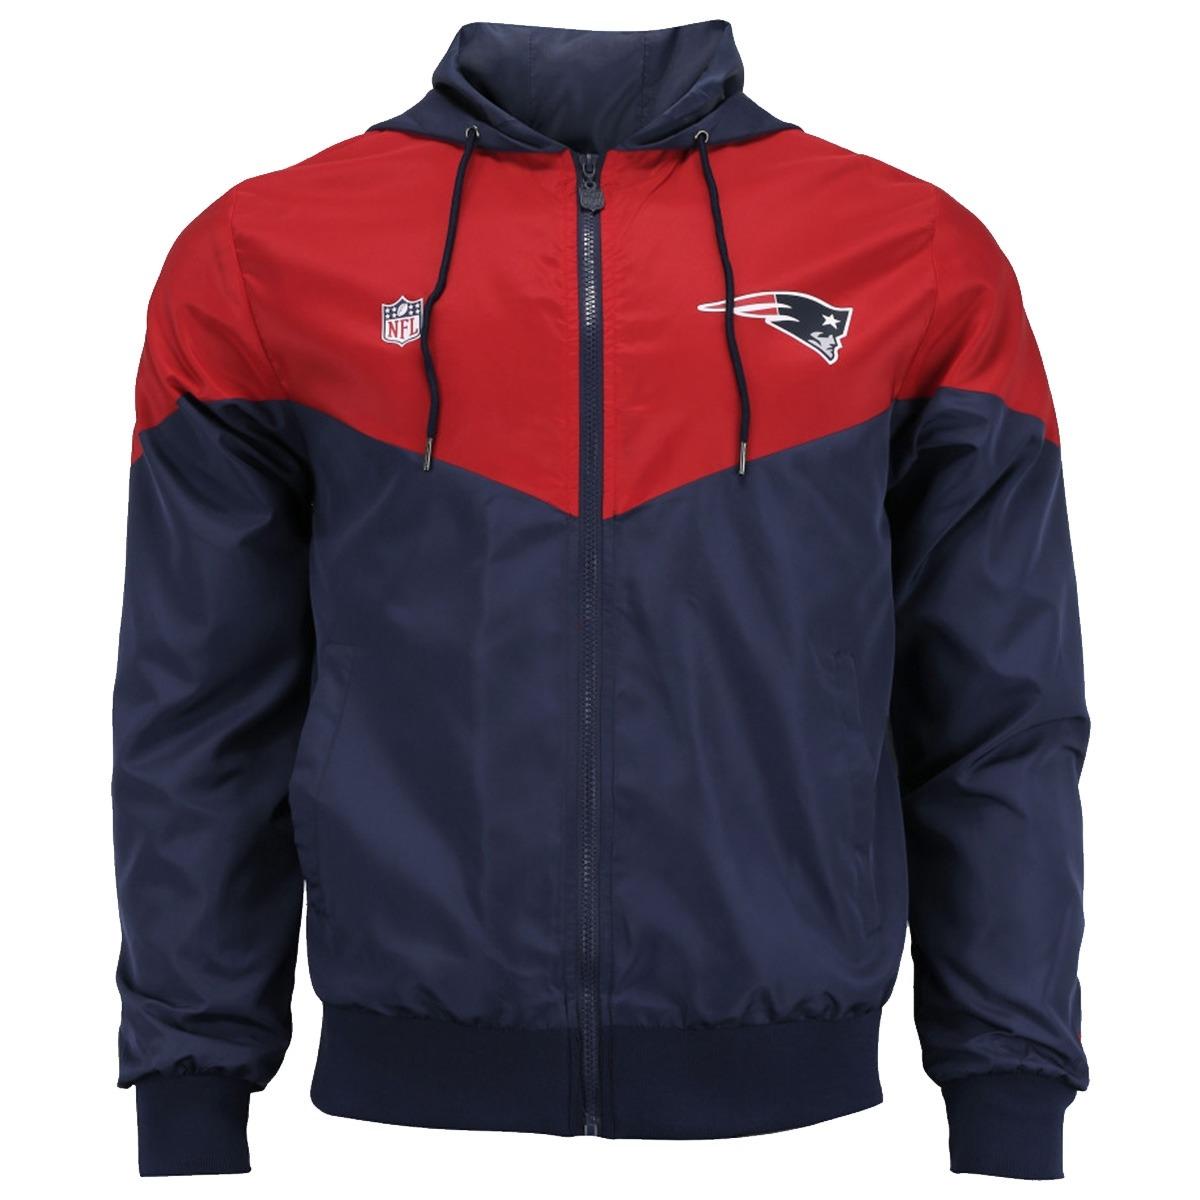 e7a0a9dee jaqueta new era nfl patriots windbreak sport veins. Carregando zoom.